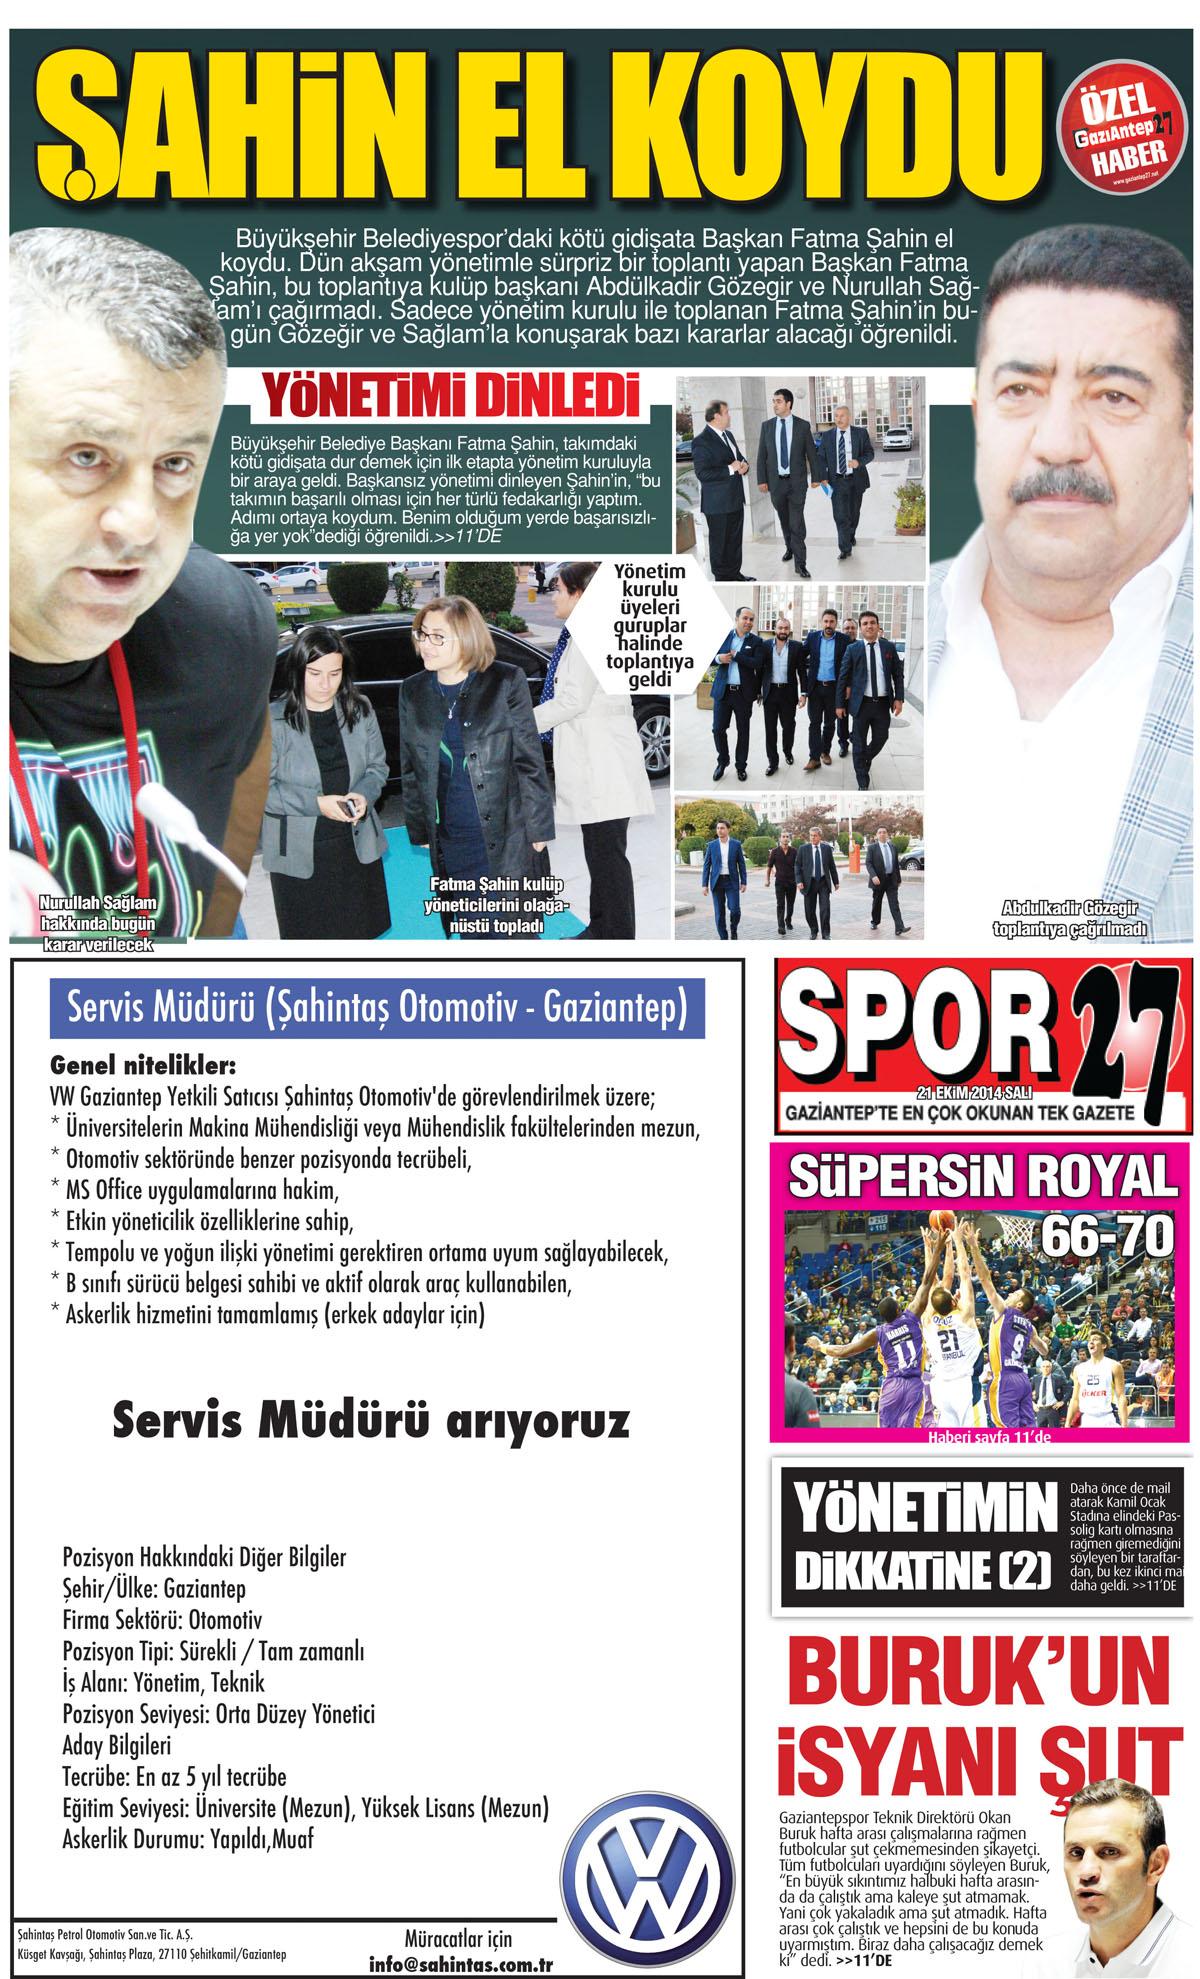 21 EKİM 2014 SALI SAYFALARI 2